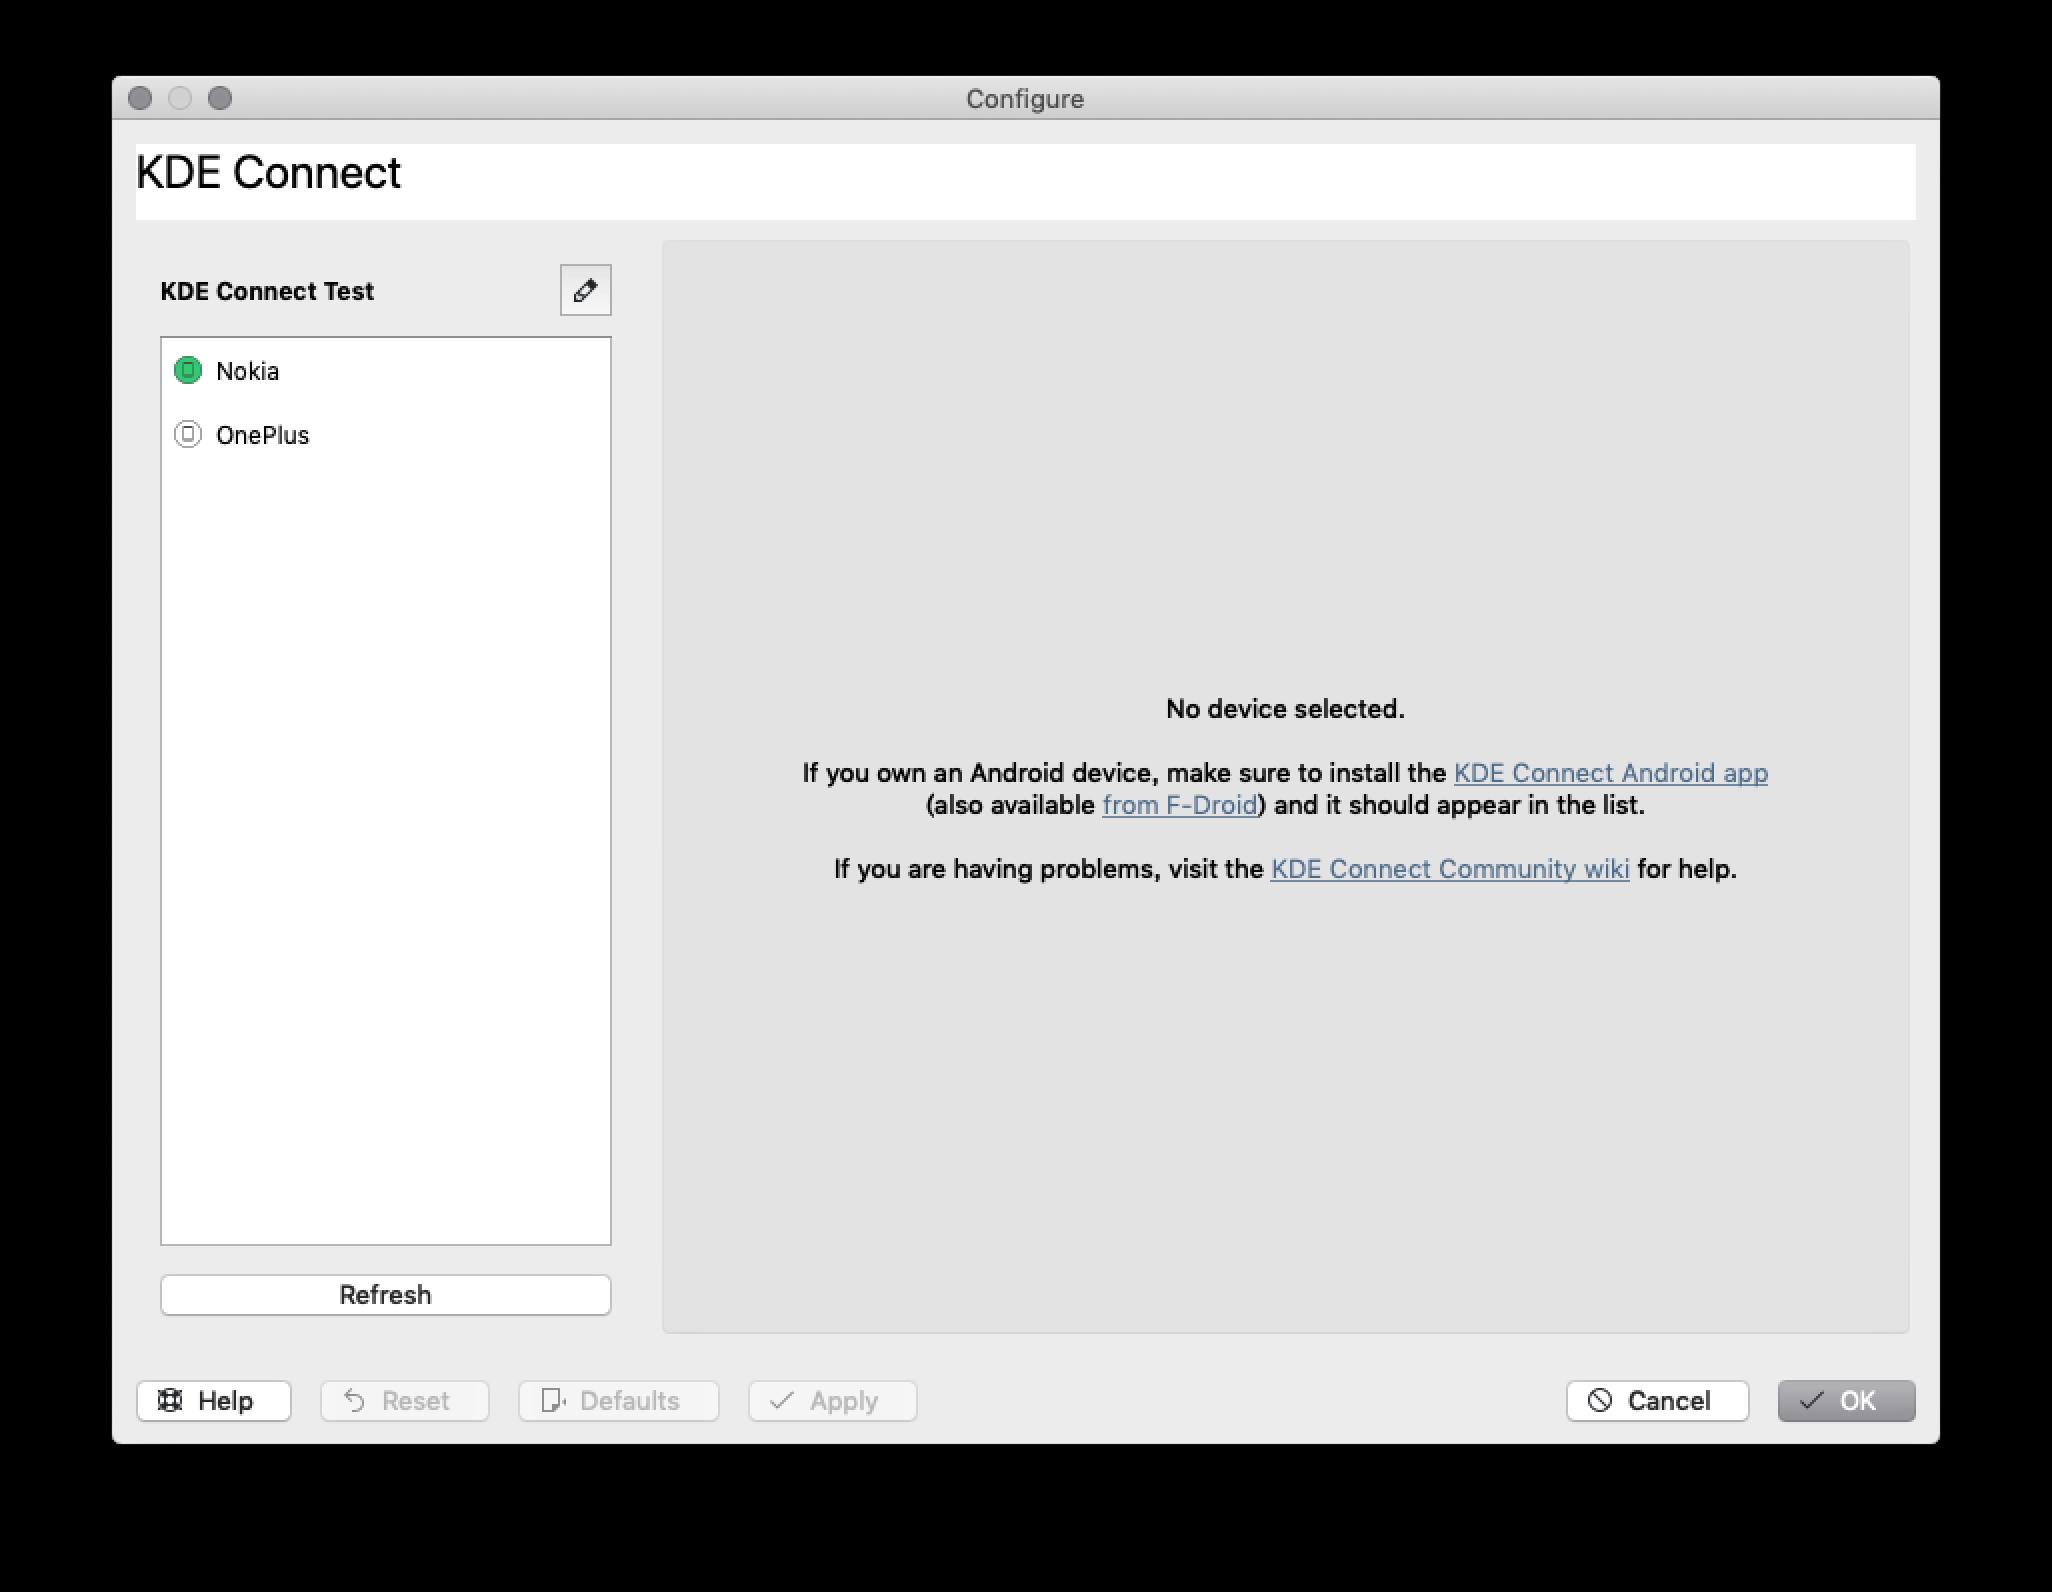 Inoki in KDE